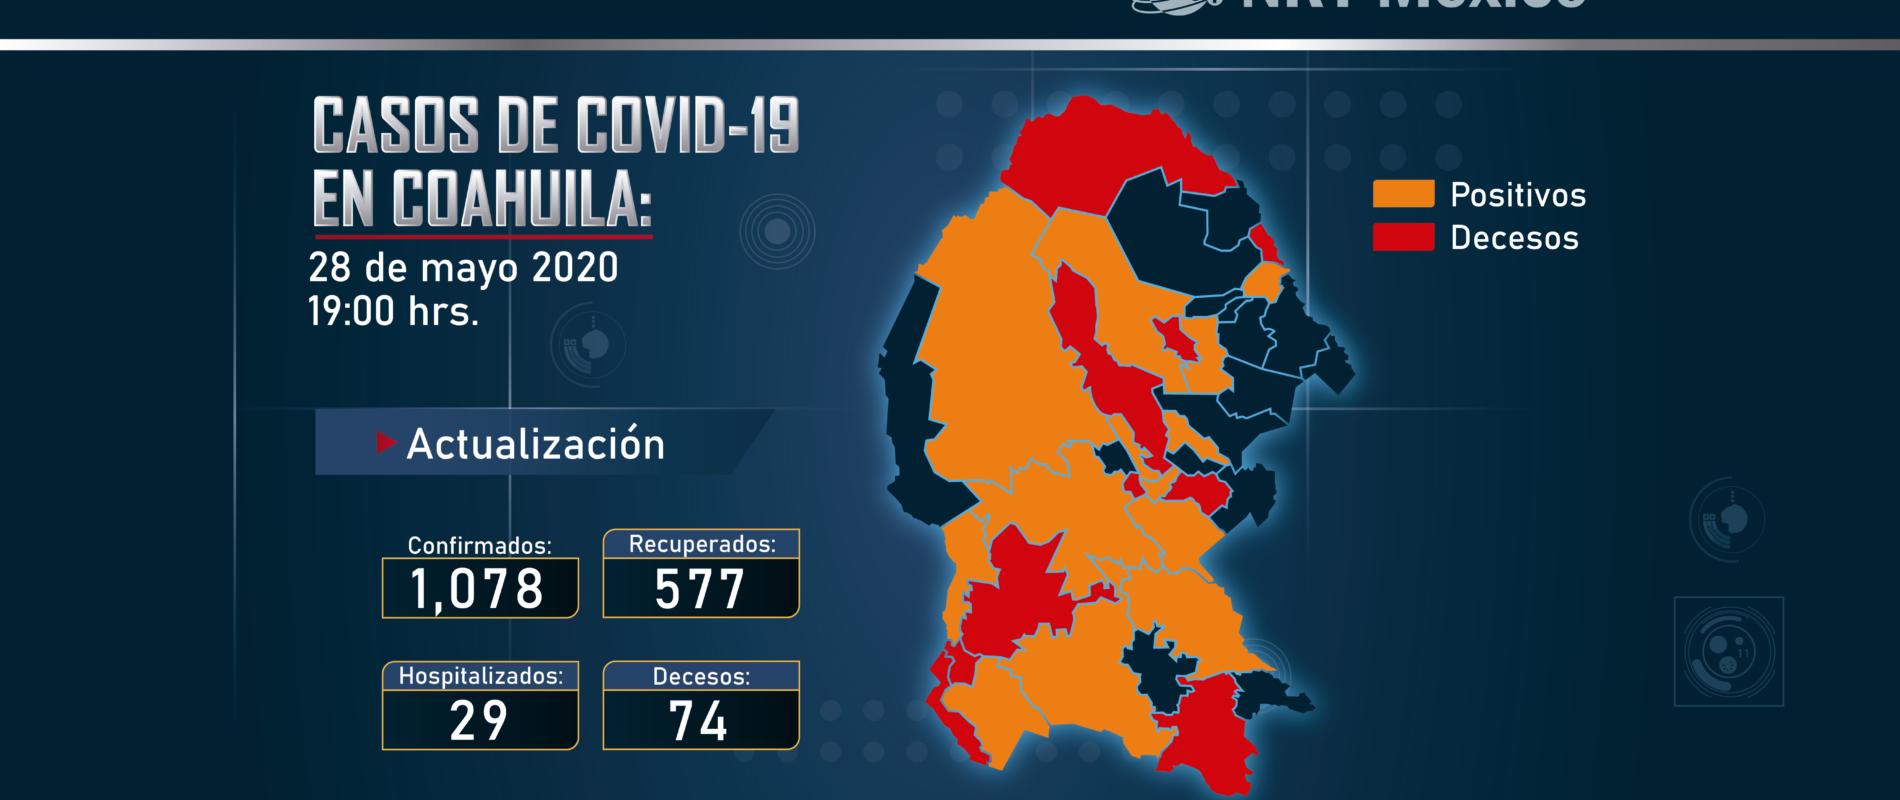 Registran 7 nuevos casos de COVID-19 en Coahuila, incluida una defunción.